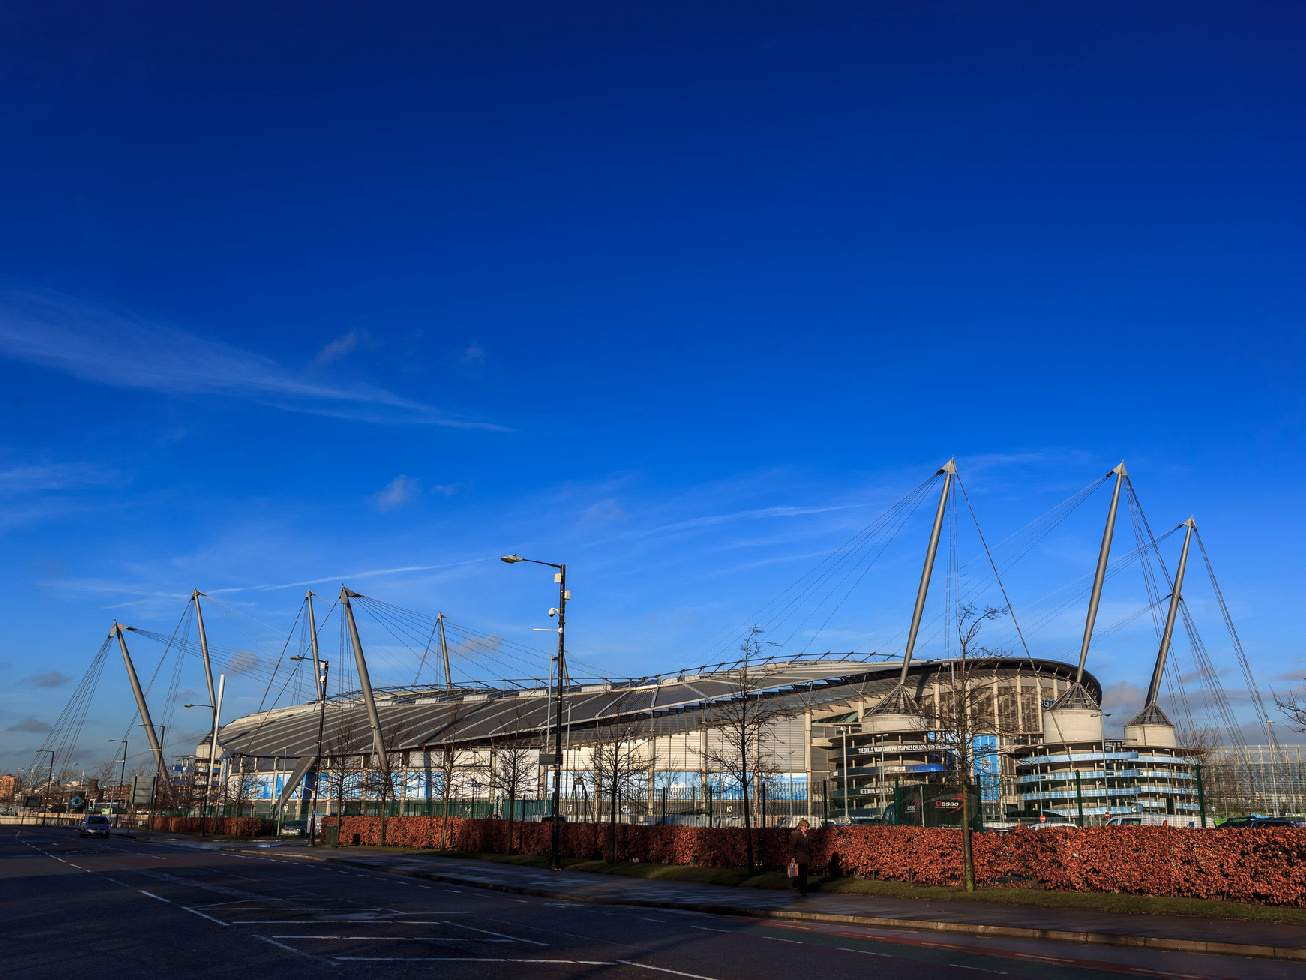 «Манчестер Сити» передал стадион на нужды медикам